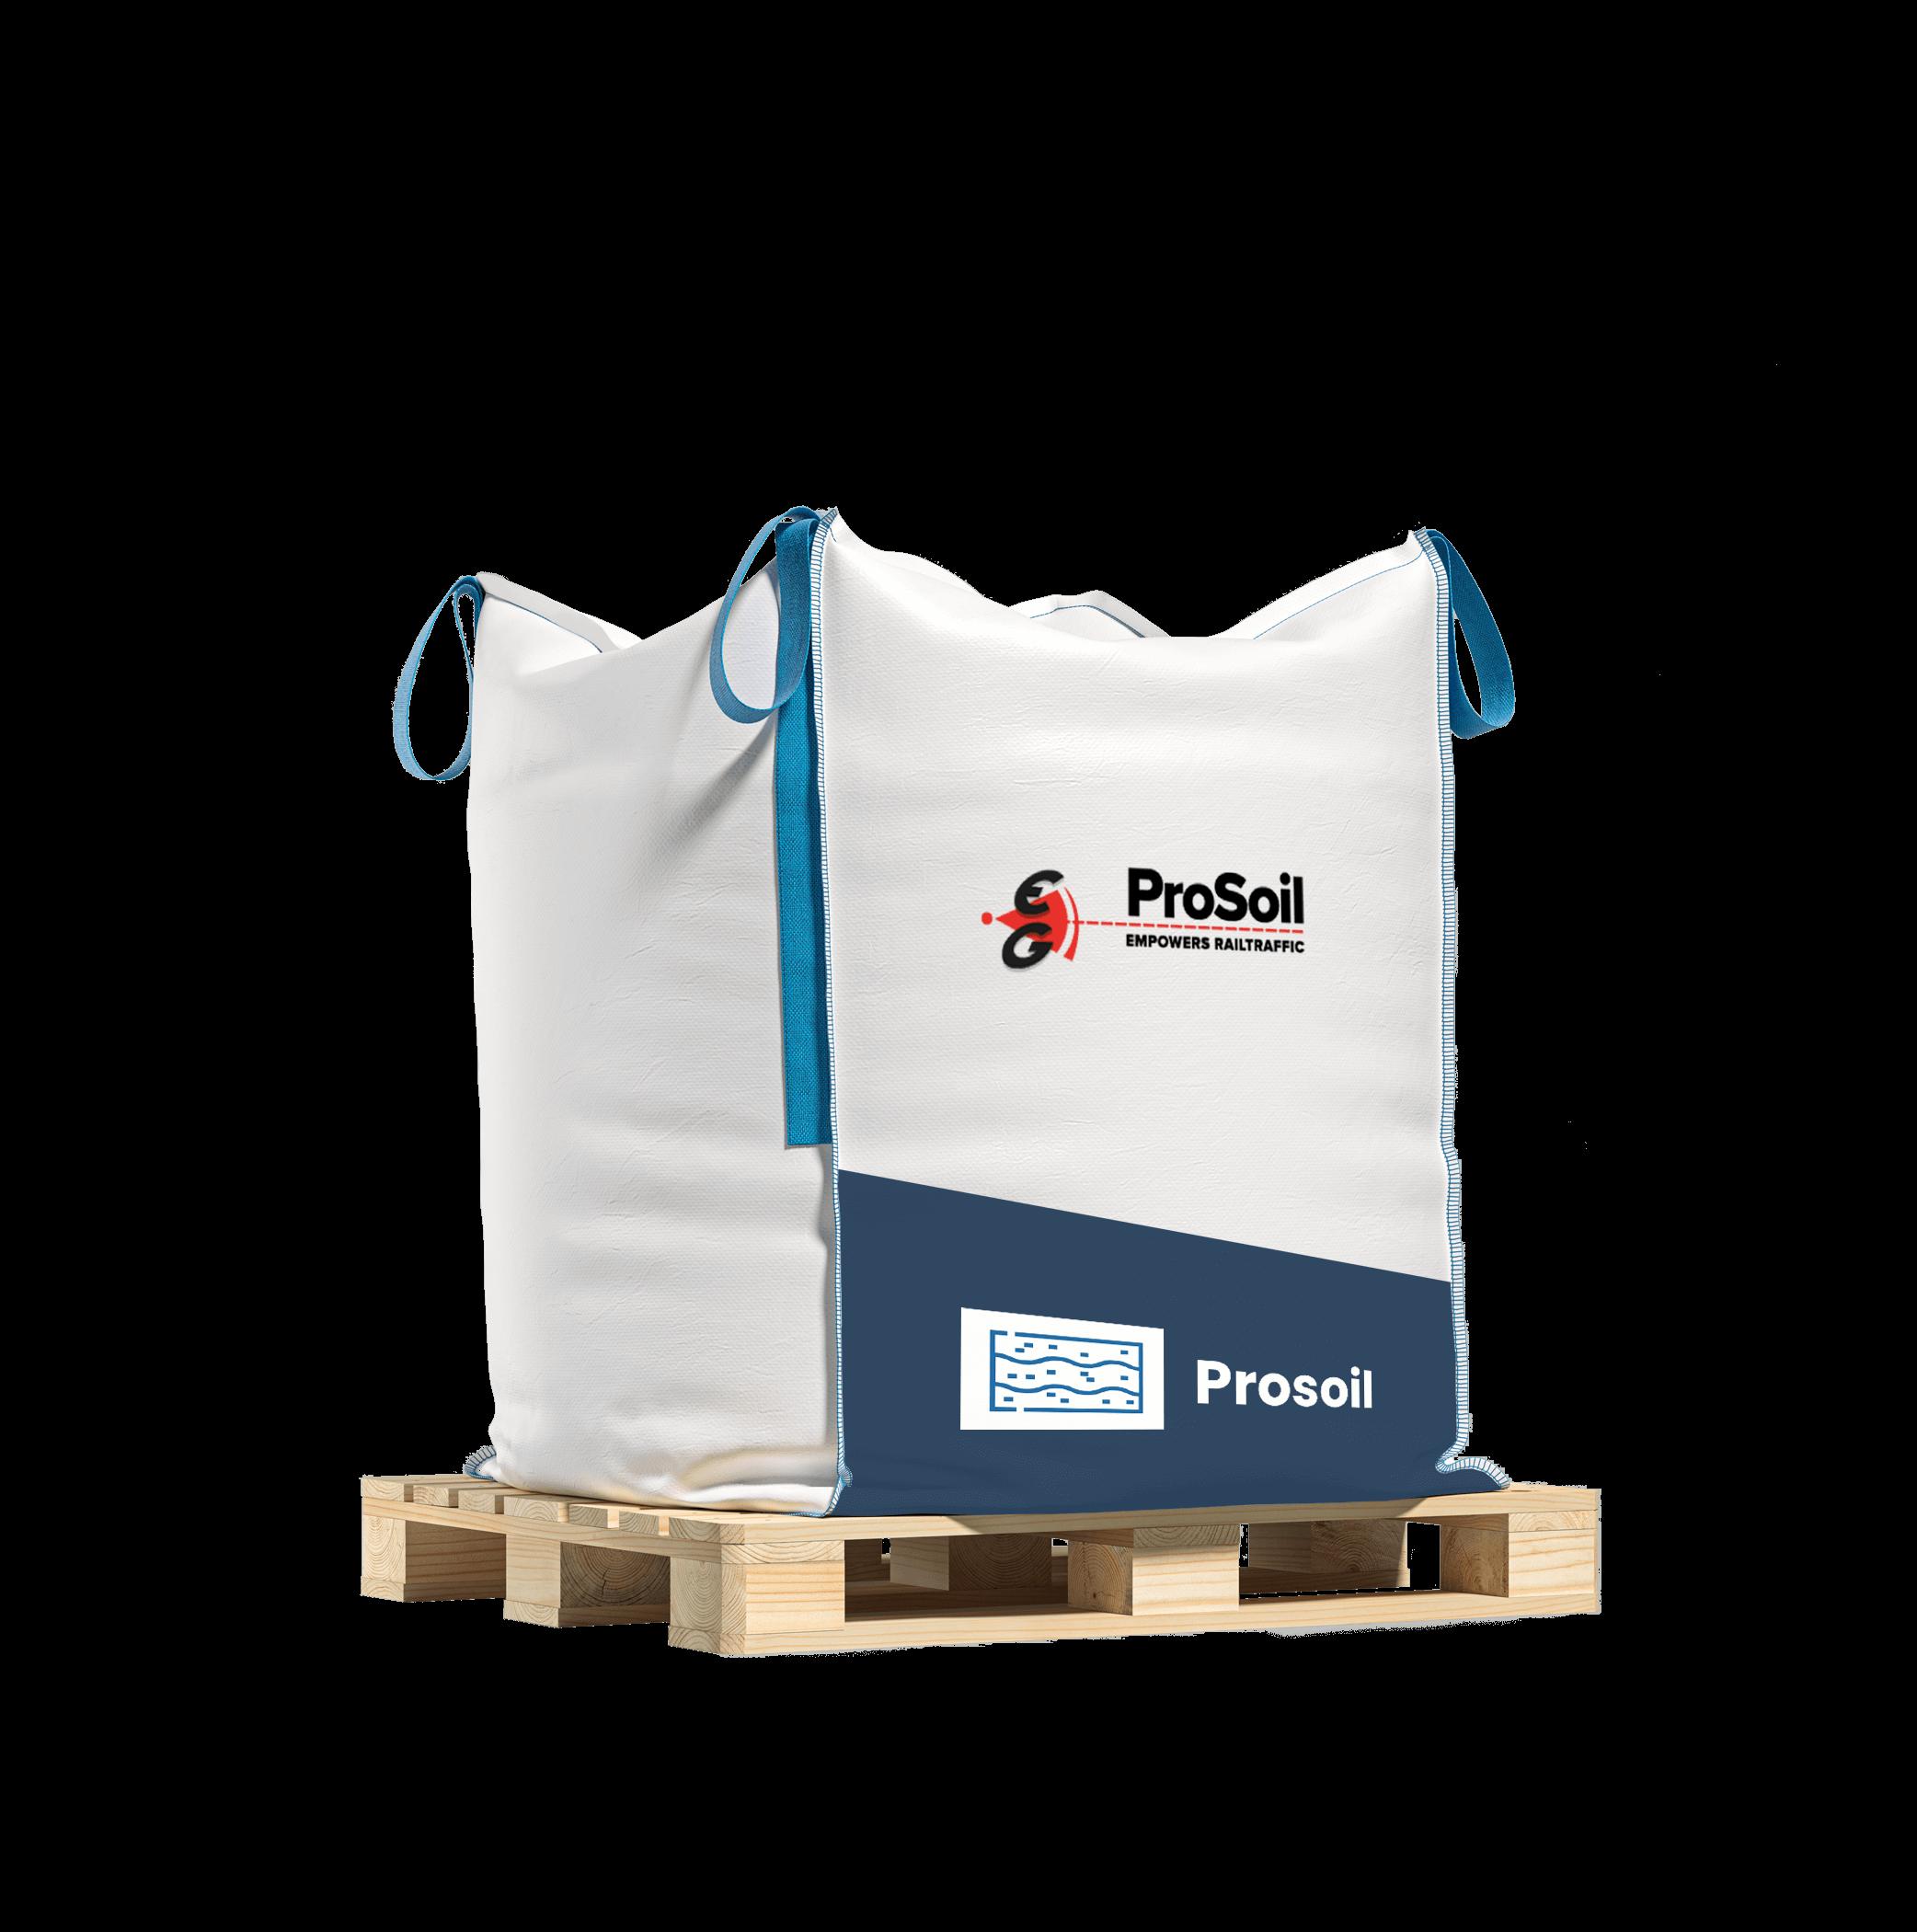 Prosoil